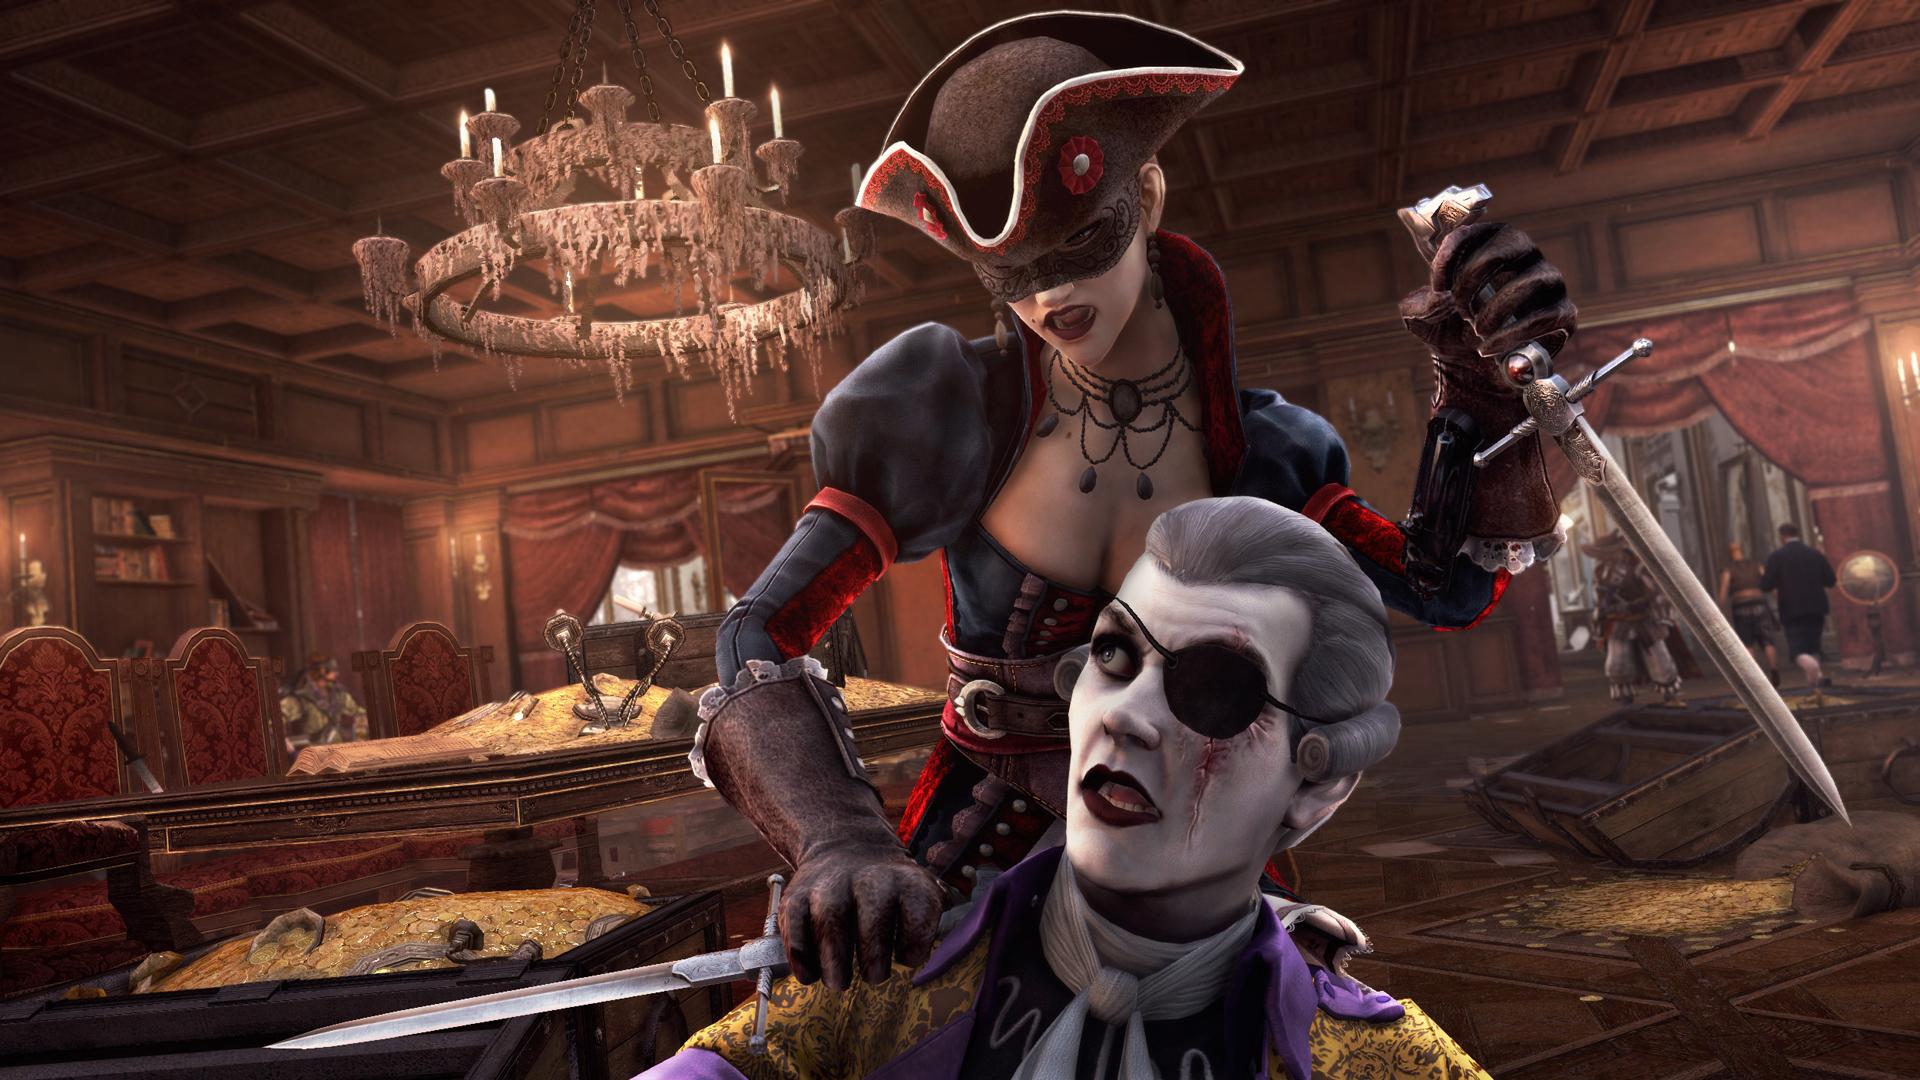 Картинки из игры Assassin's Creed 4: Black Flag - Assassin's Creed 4: Black Flag видеоигра